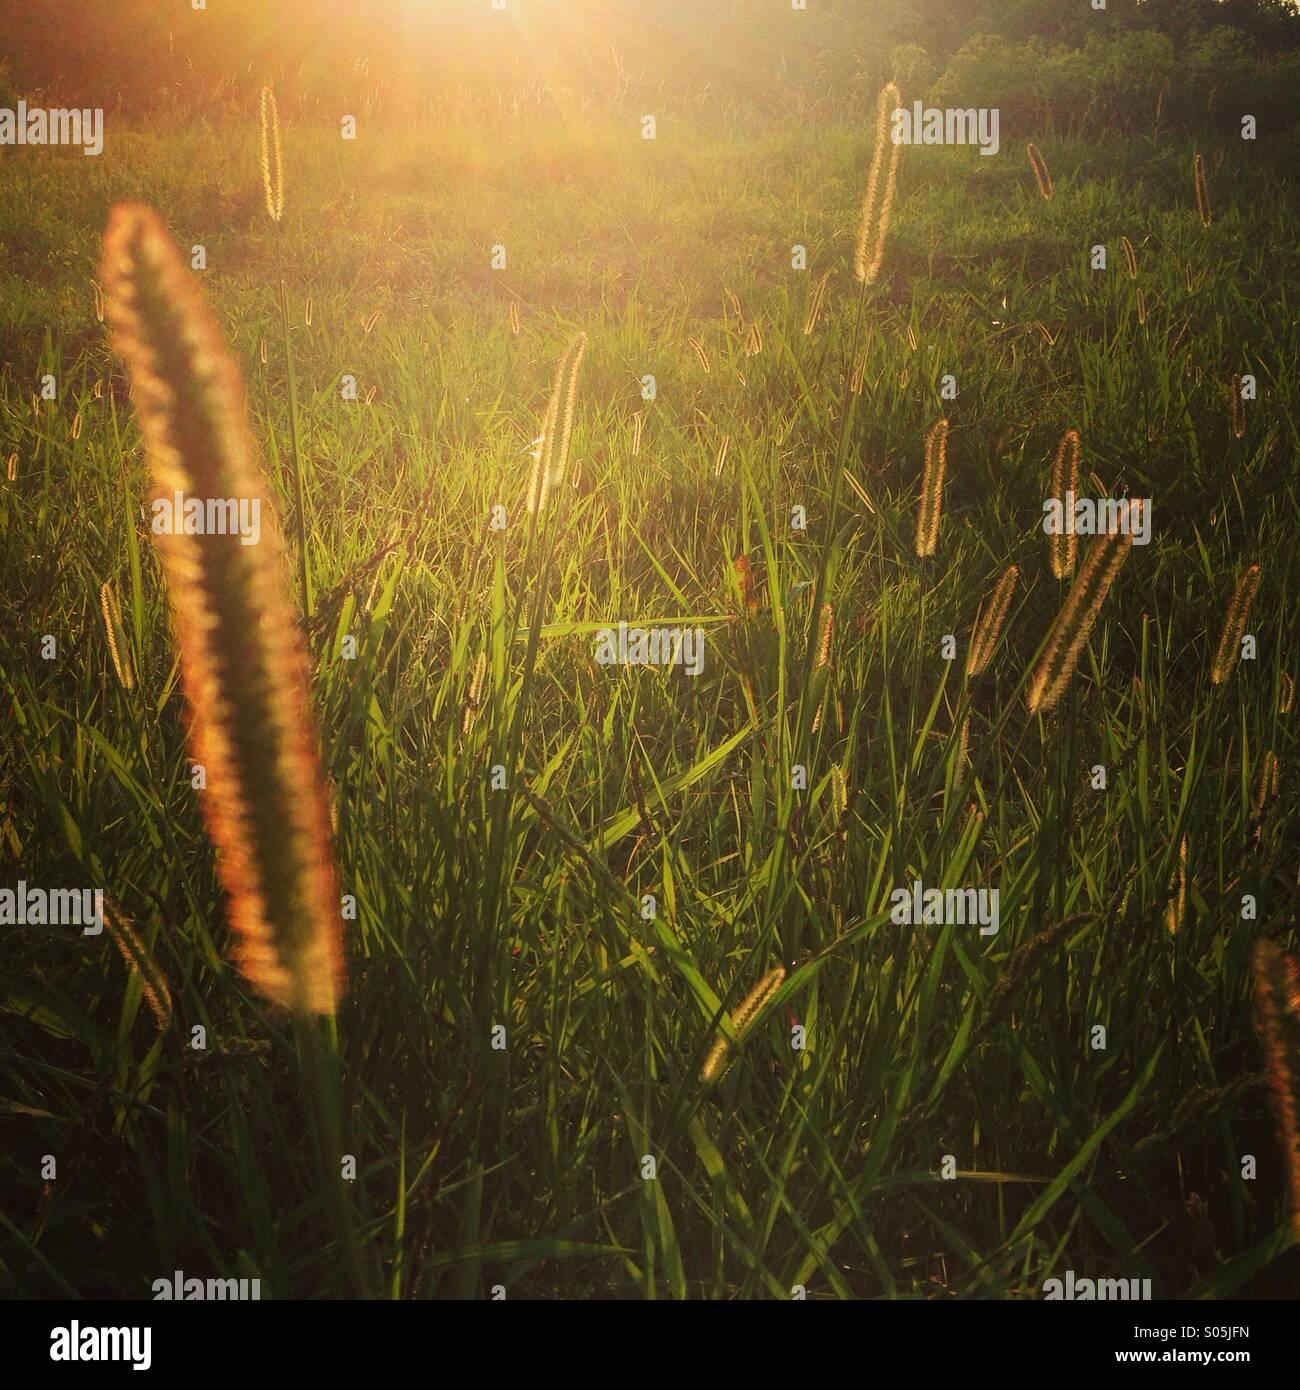 Golden light on cattails. - Stock Image